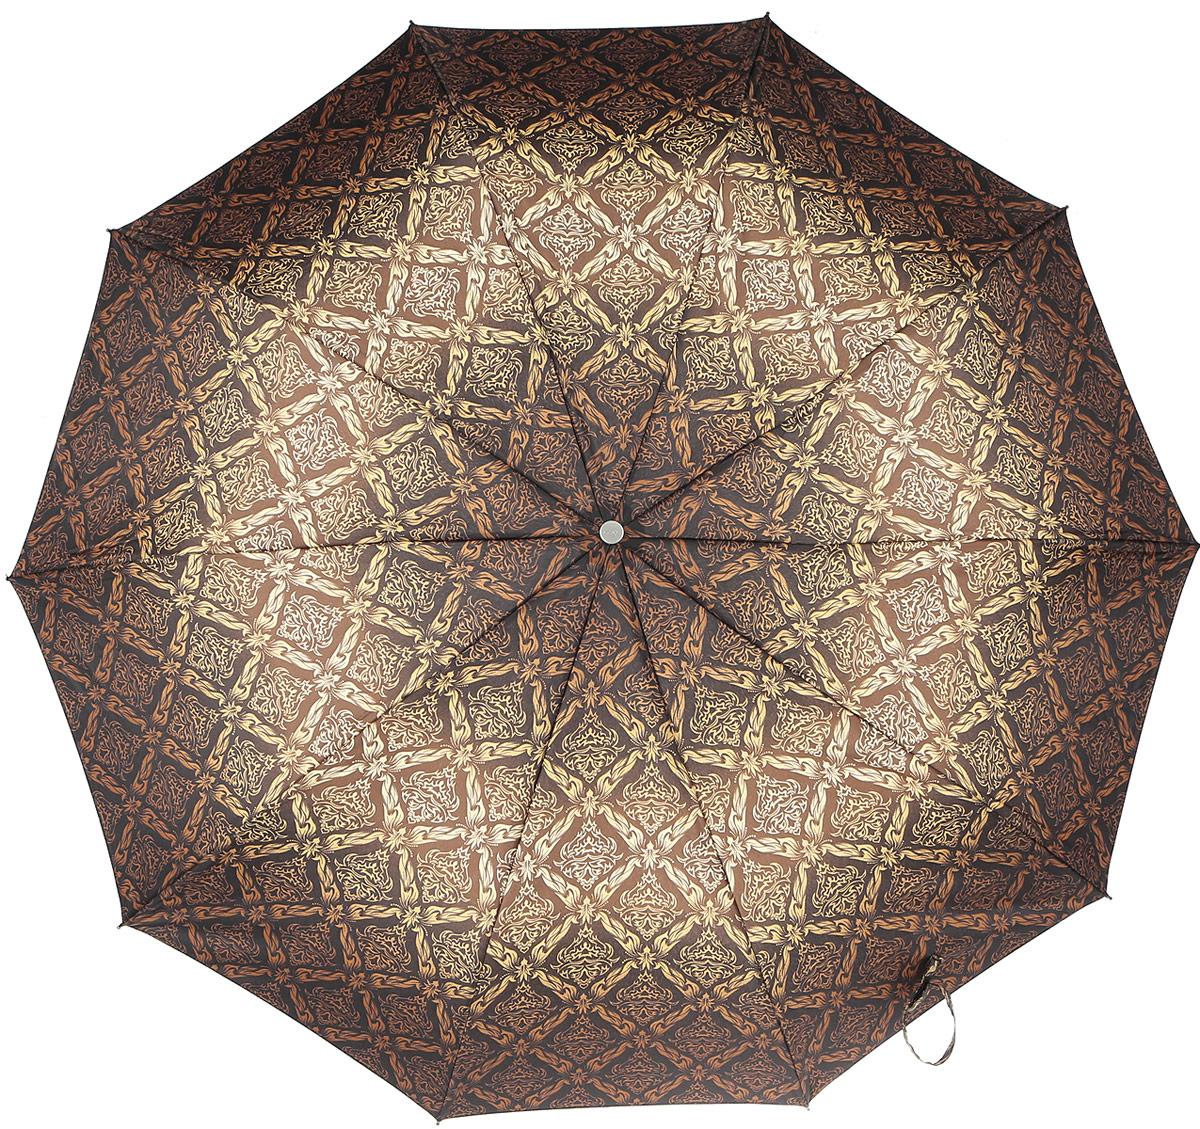 Зонт женский Zest, механический, 5 сложений, цвет: Коричневый, желтый. 25518-273125518-2731Зонт классической модели из мягкой и приятной на ощупь ткани, знаменитое венгерское качество имеющее многовековую традицию.